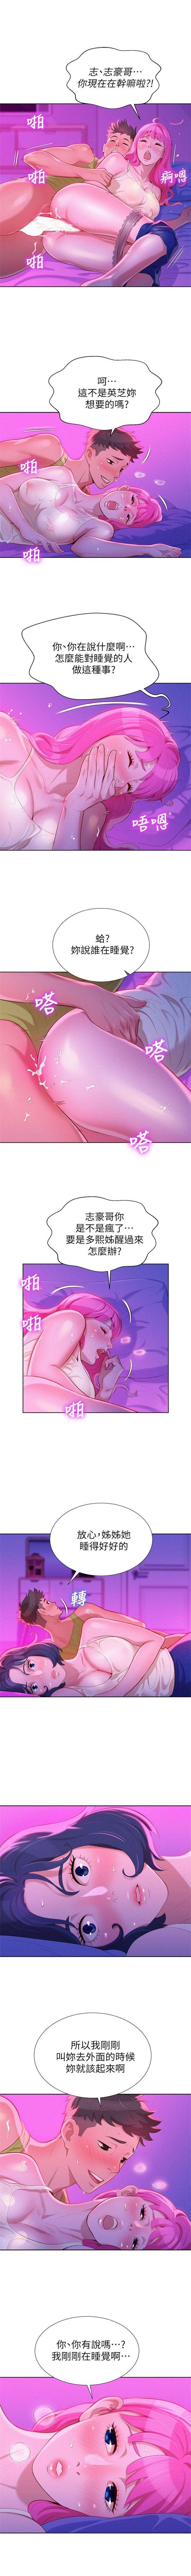 (周7)漂亮干姐姐  1-79 中文翻译 (更新中) 82